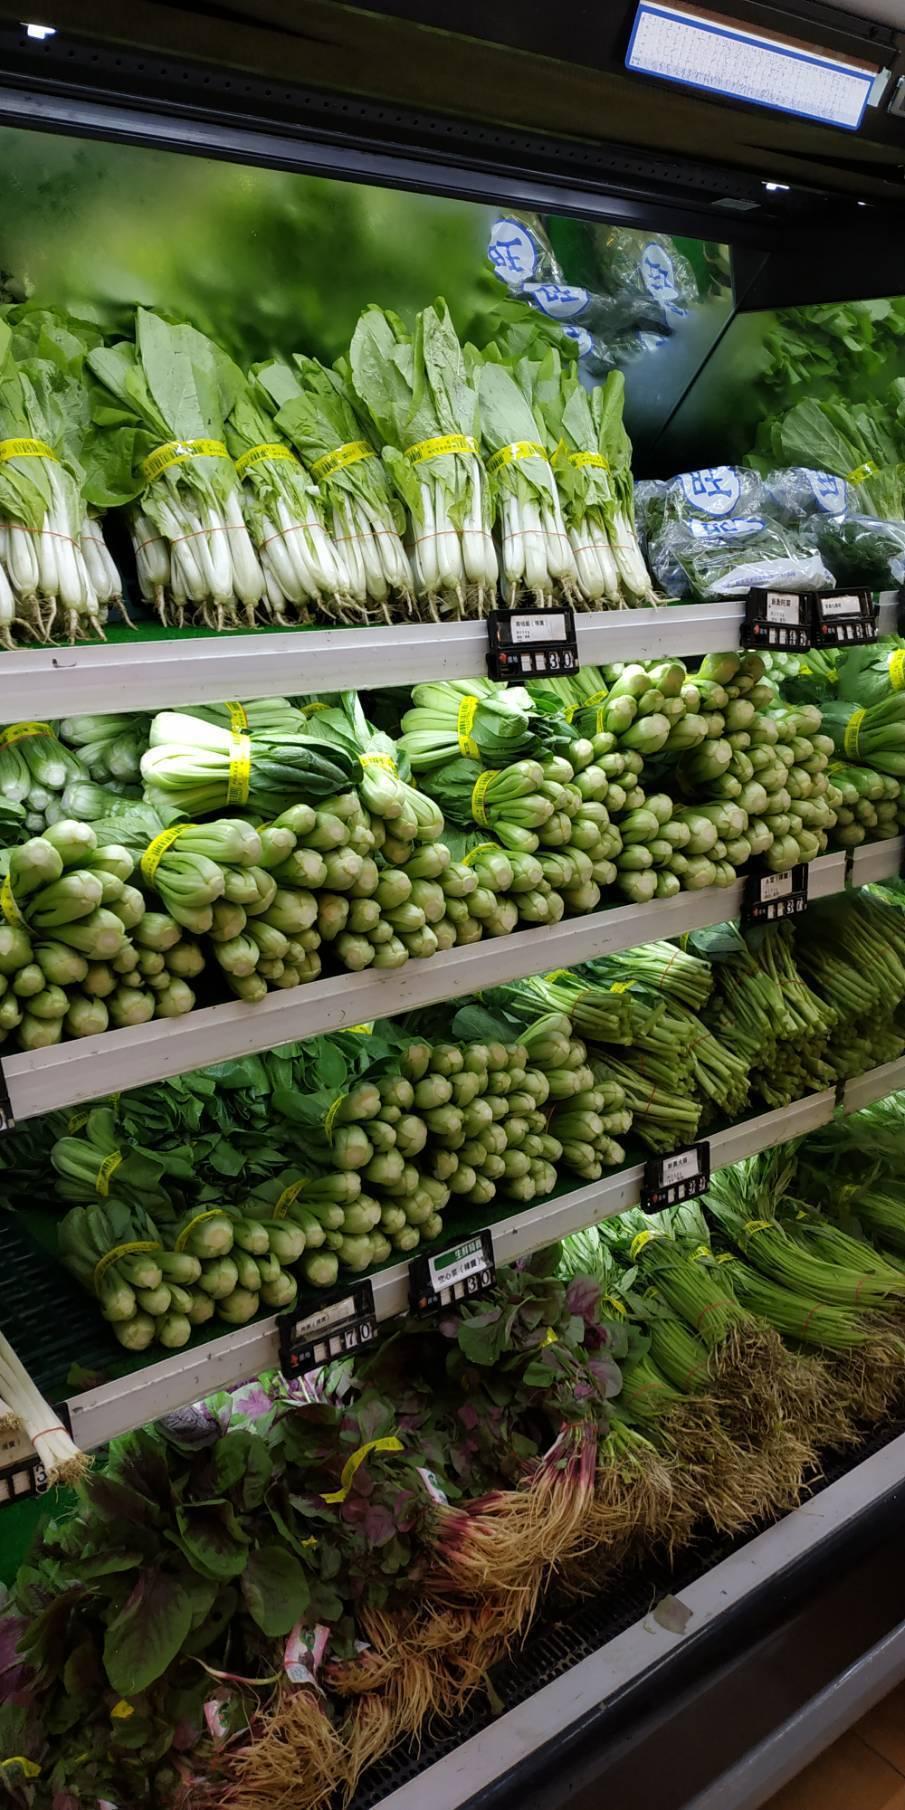 因應颱風來襲,全聯提高蔬菜備貨量,今早部份門市已出現掃貨潮。圖/全聯提供